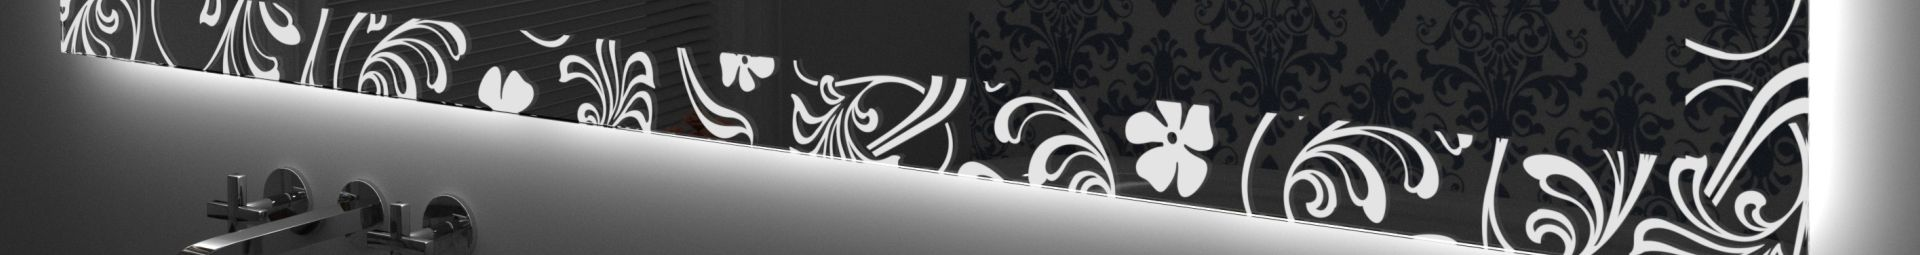 Miroirs décoratifs - miroirs décoratifs